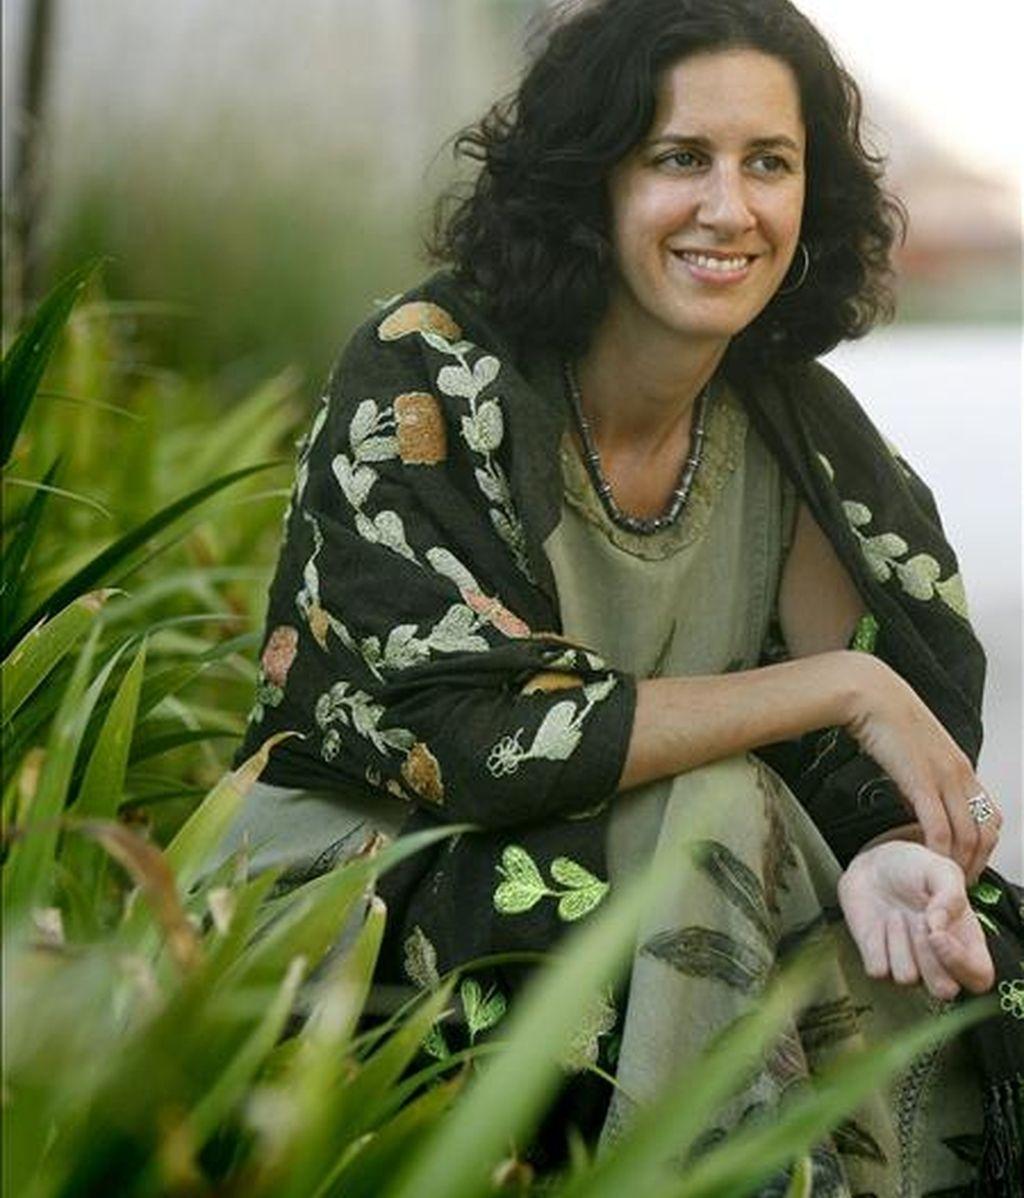 """La escritora iraqui Nadje Sadig Al-Ali, afirmó que el uso del burka es """"un fenómeno postinvasión"""", durante la entrevista-presentación con Efe de su libro """"Mujeres iraquíes"""" en el que relata las vivencias de más de 200 mujeres, así cómo la caída del régimen de Hussein. EFE"""